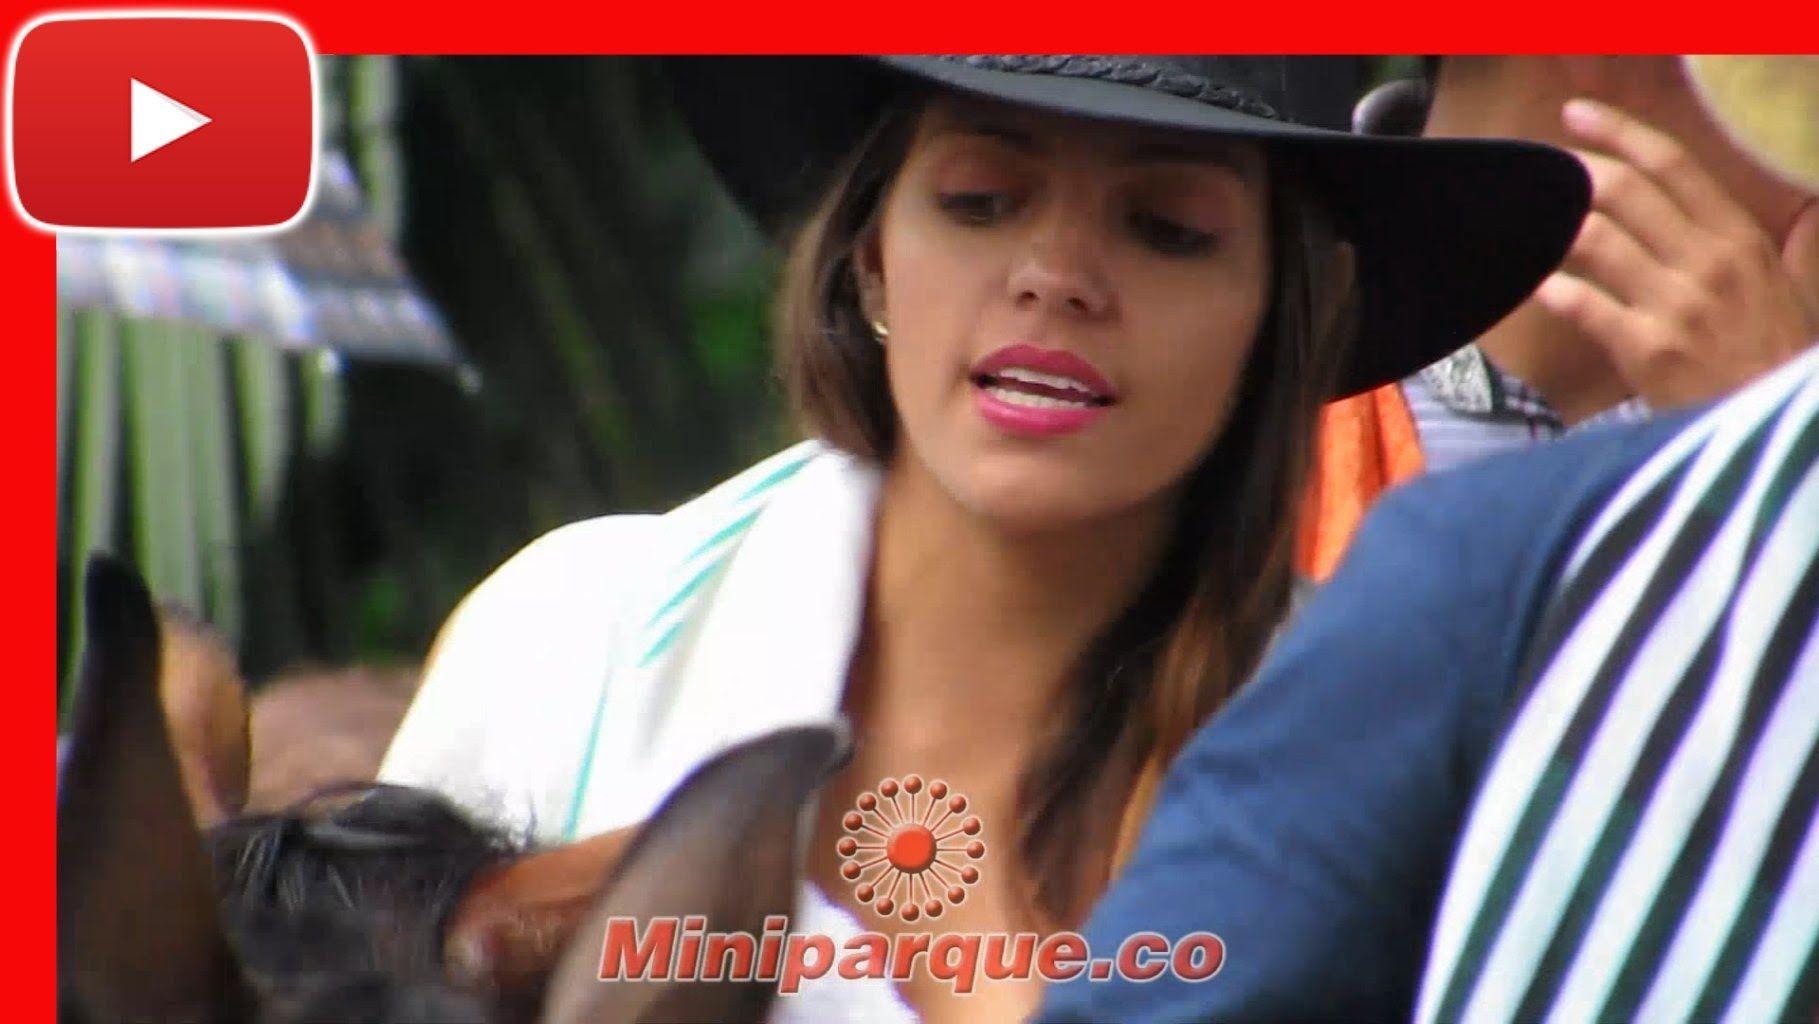 las mas bellas chicas del eje cafetero cabalgata feria de tulua # 61 horse colombia 2016 video HD 79